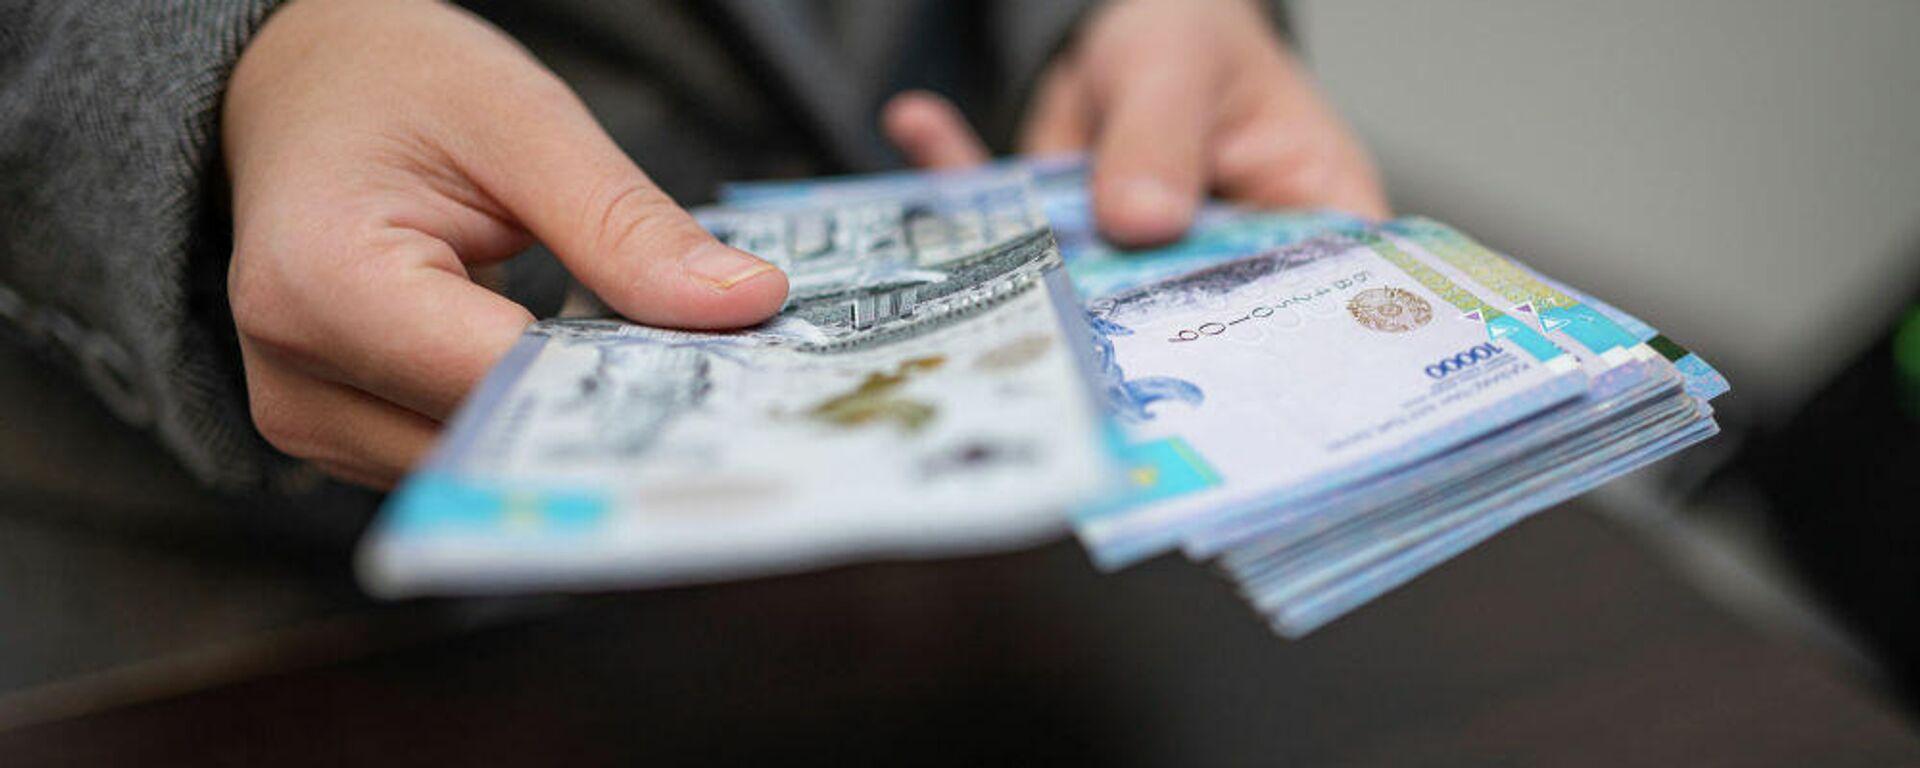 Человек считает деньги  - Sputnik Таджикистан, 1920, 13.08.2021